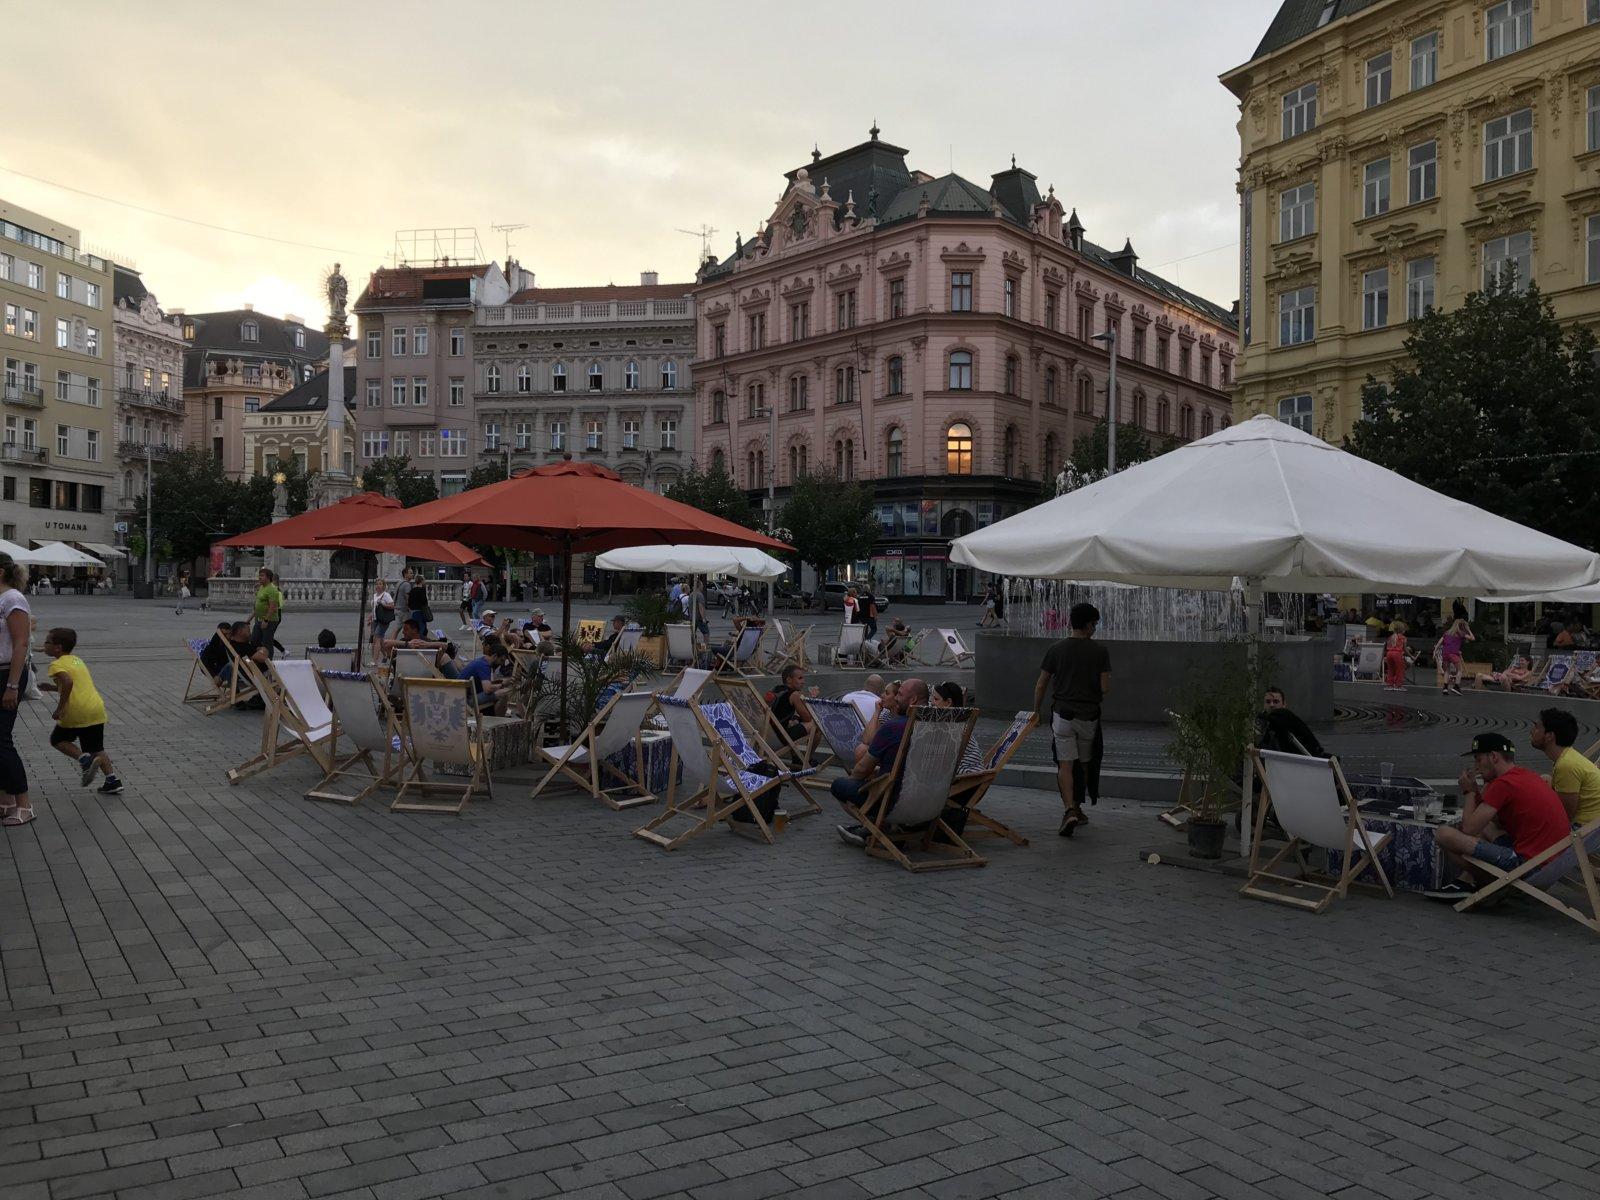 08-04 Brno Images 02